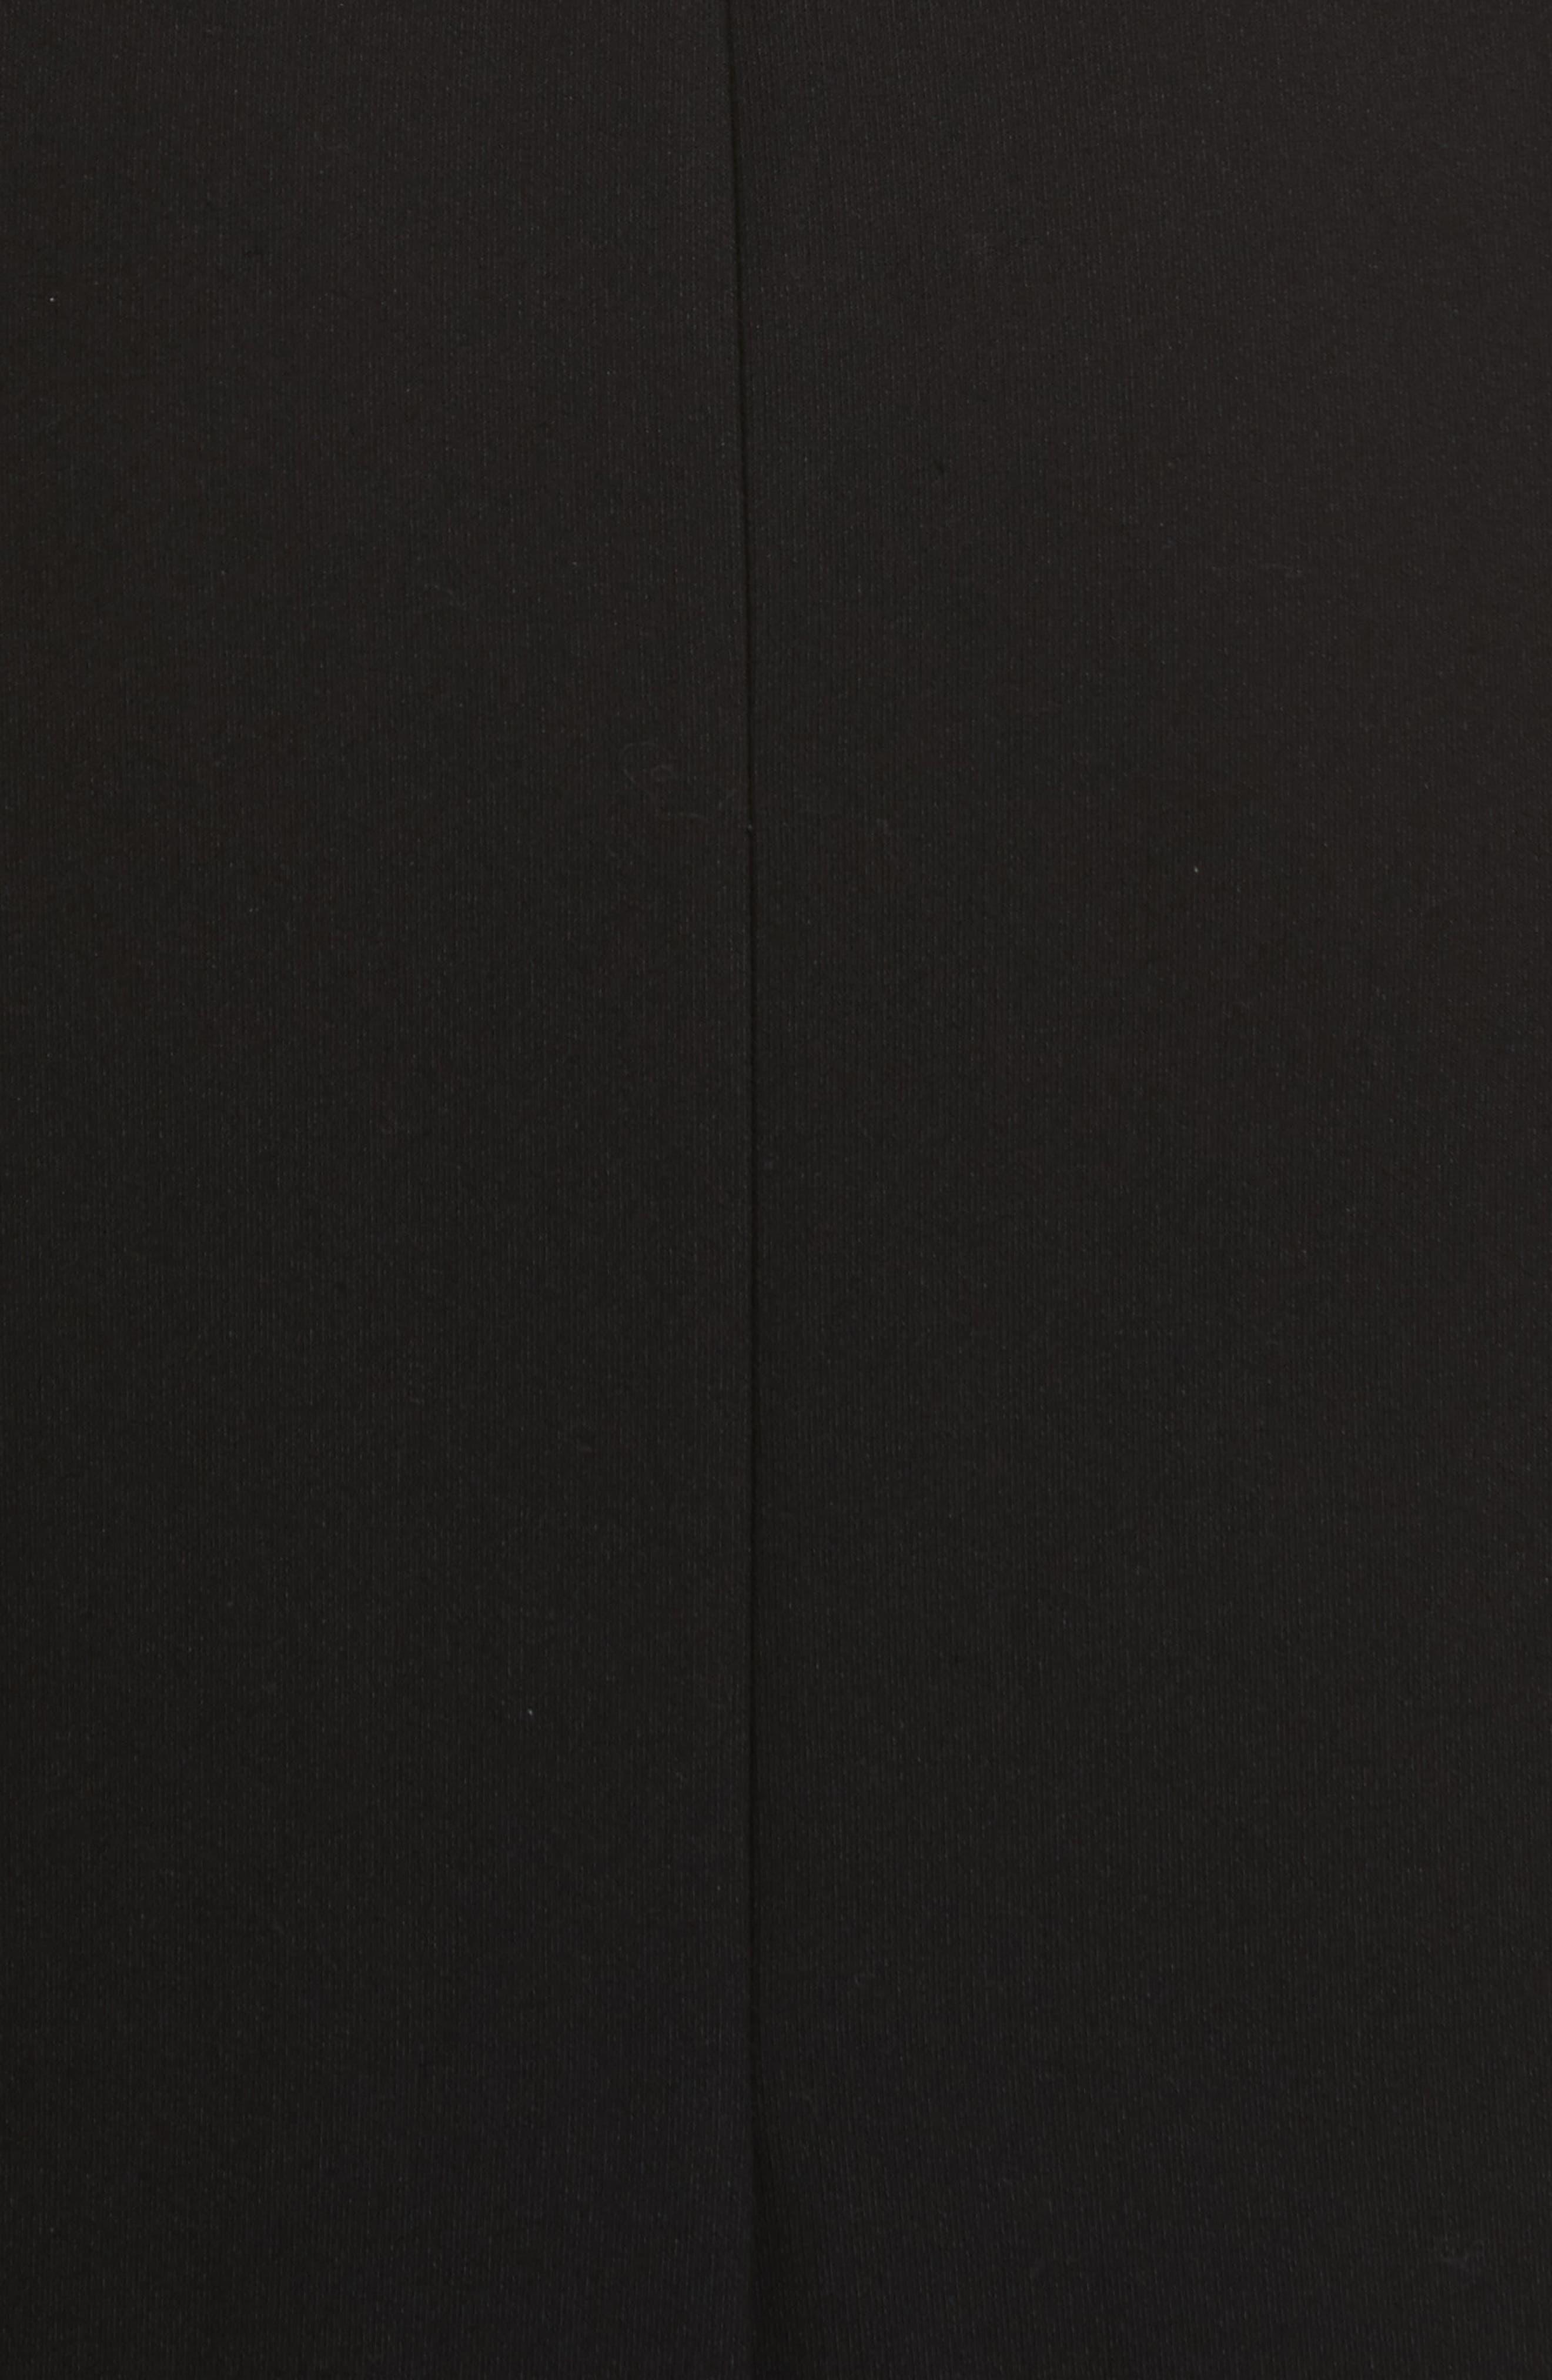 Jolie Marceau Strapless Dress,                             Alternate thumbnail 5, color,                             Black